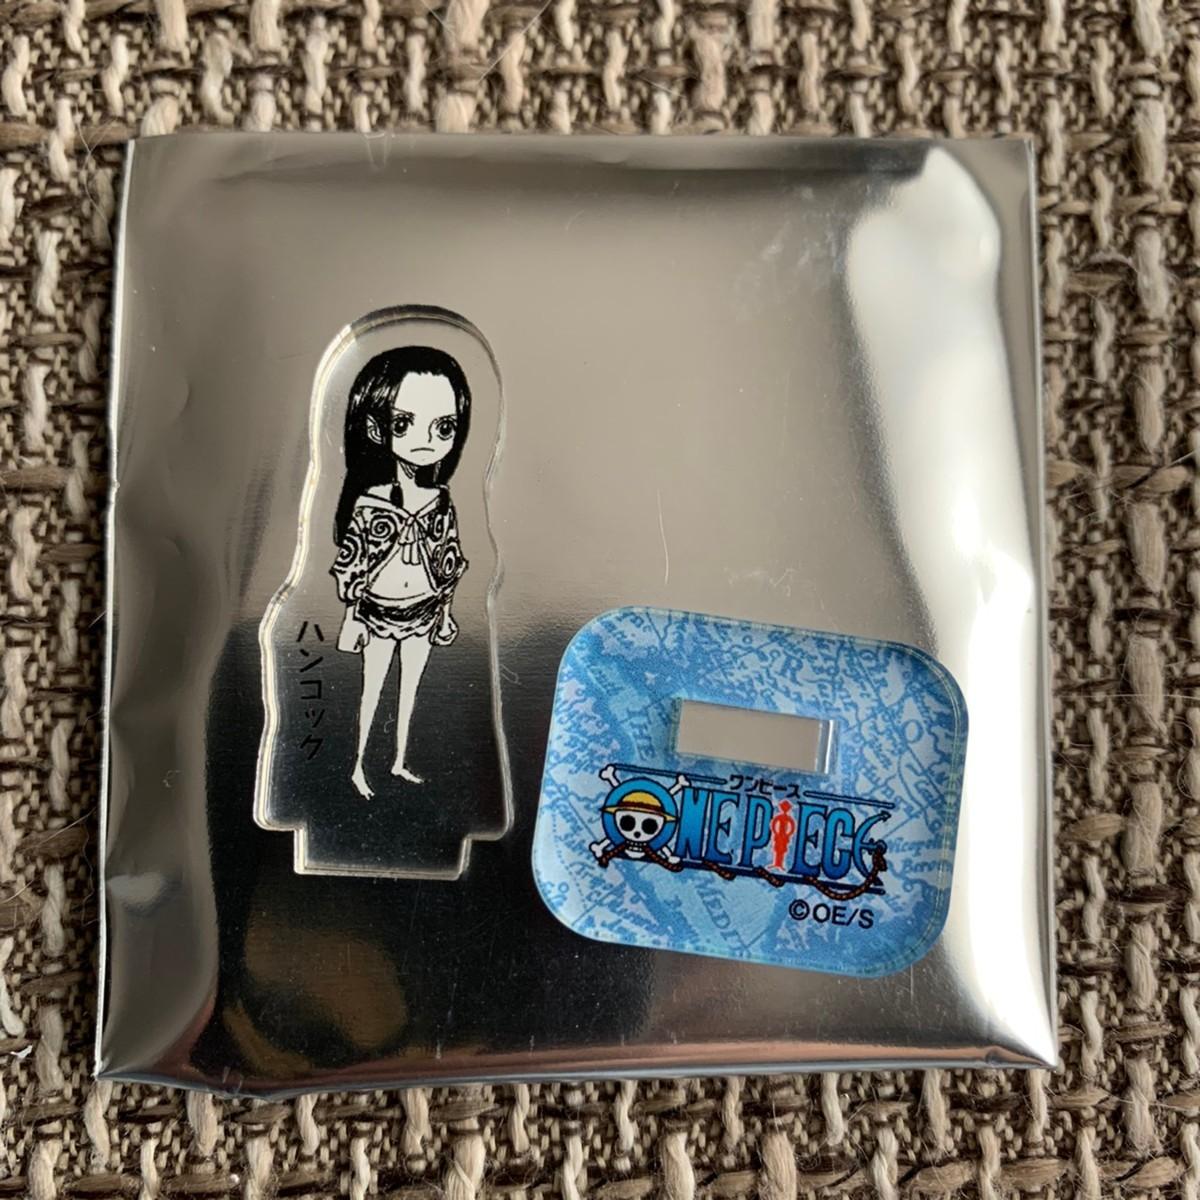 ☆ ワンピース ONEPIECE 麦わらストア アクリル mini フィギュア 2弾 アクリルスタンド ハンコック☆_画像1